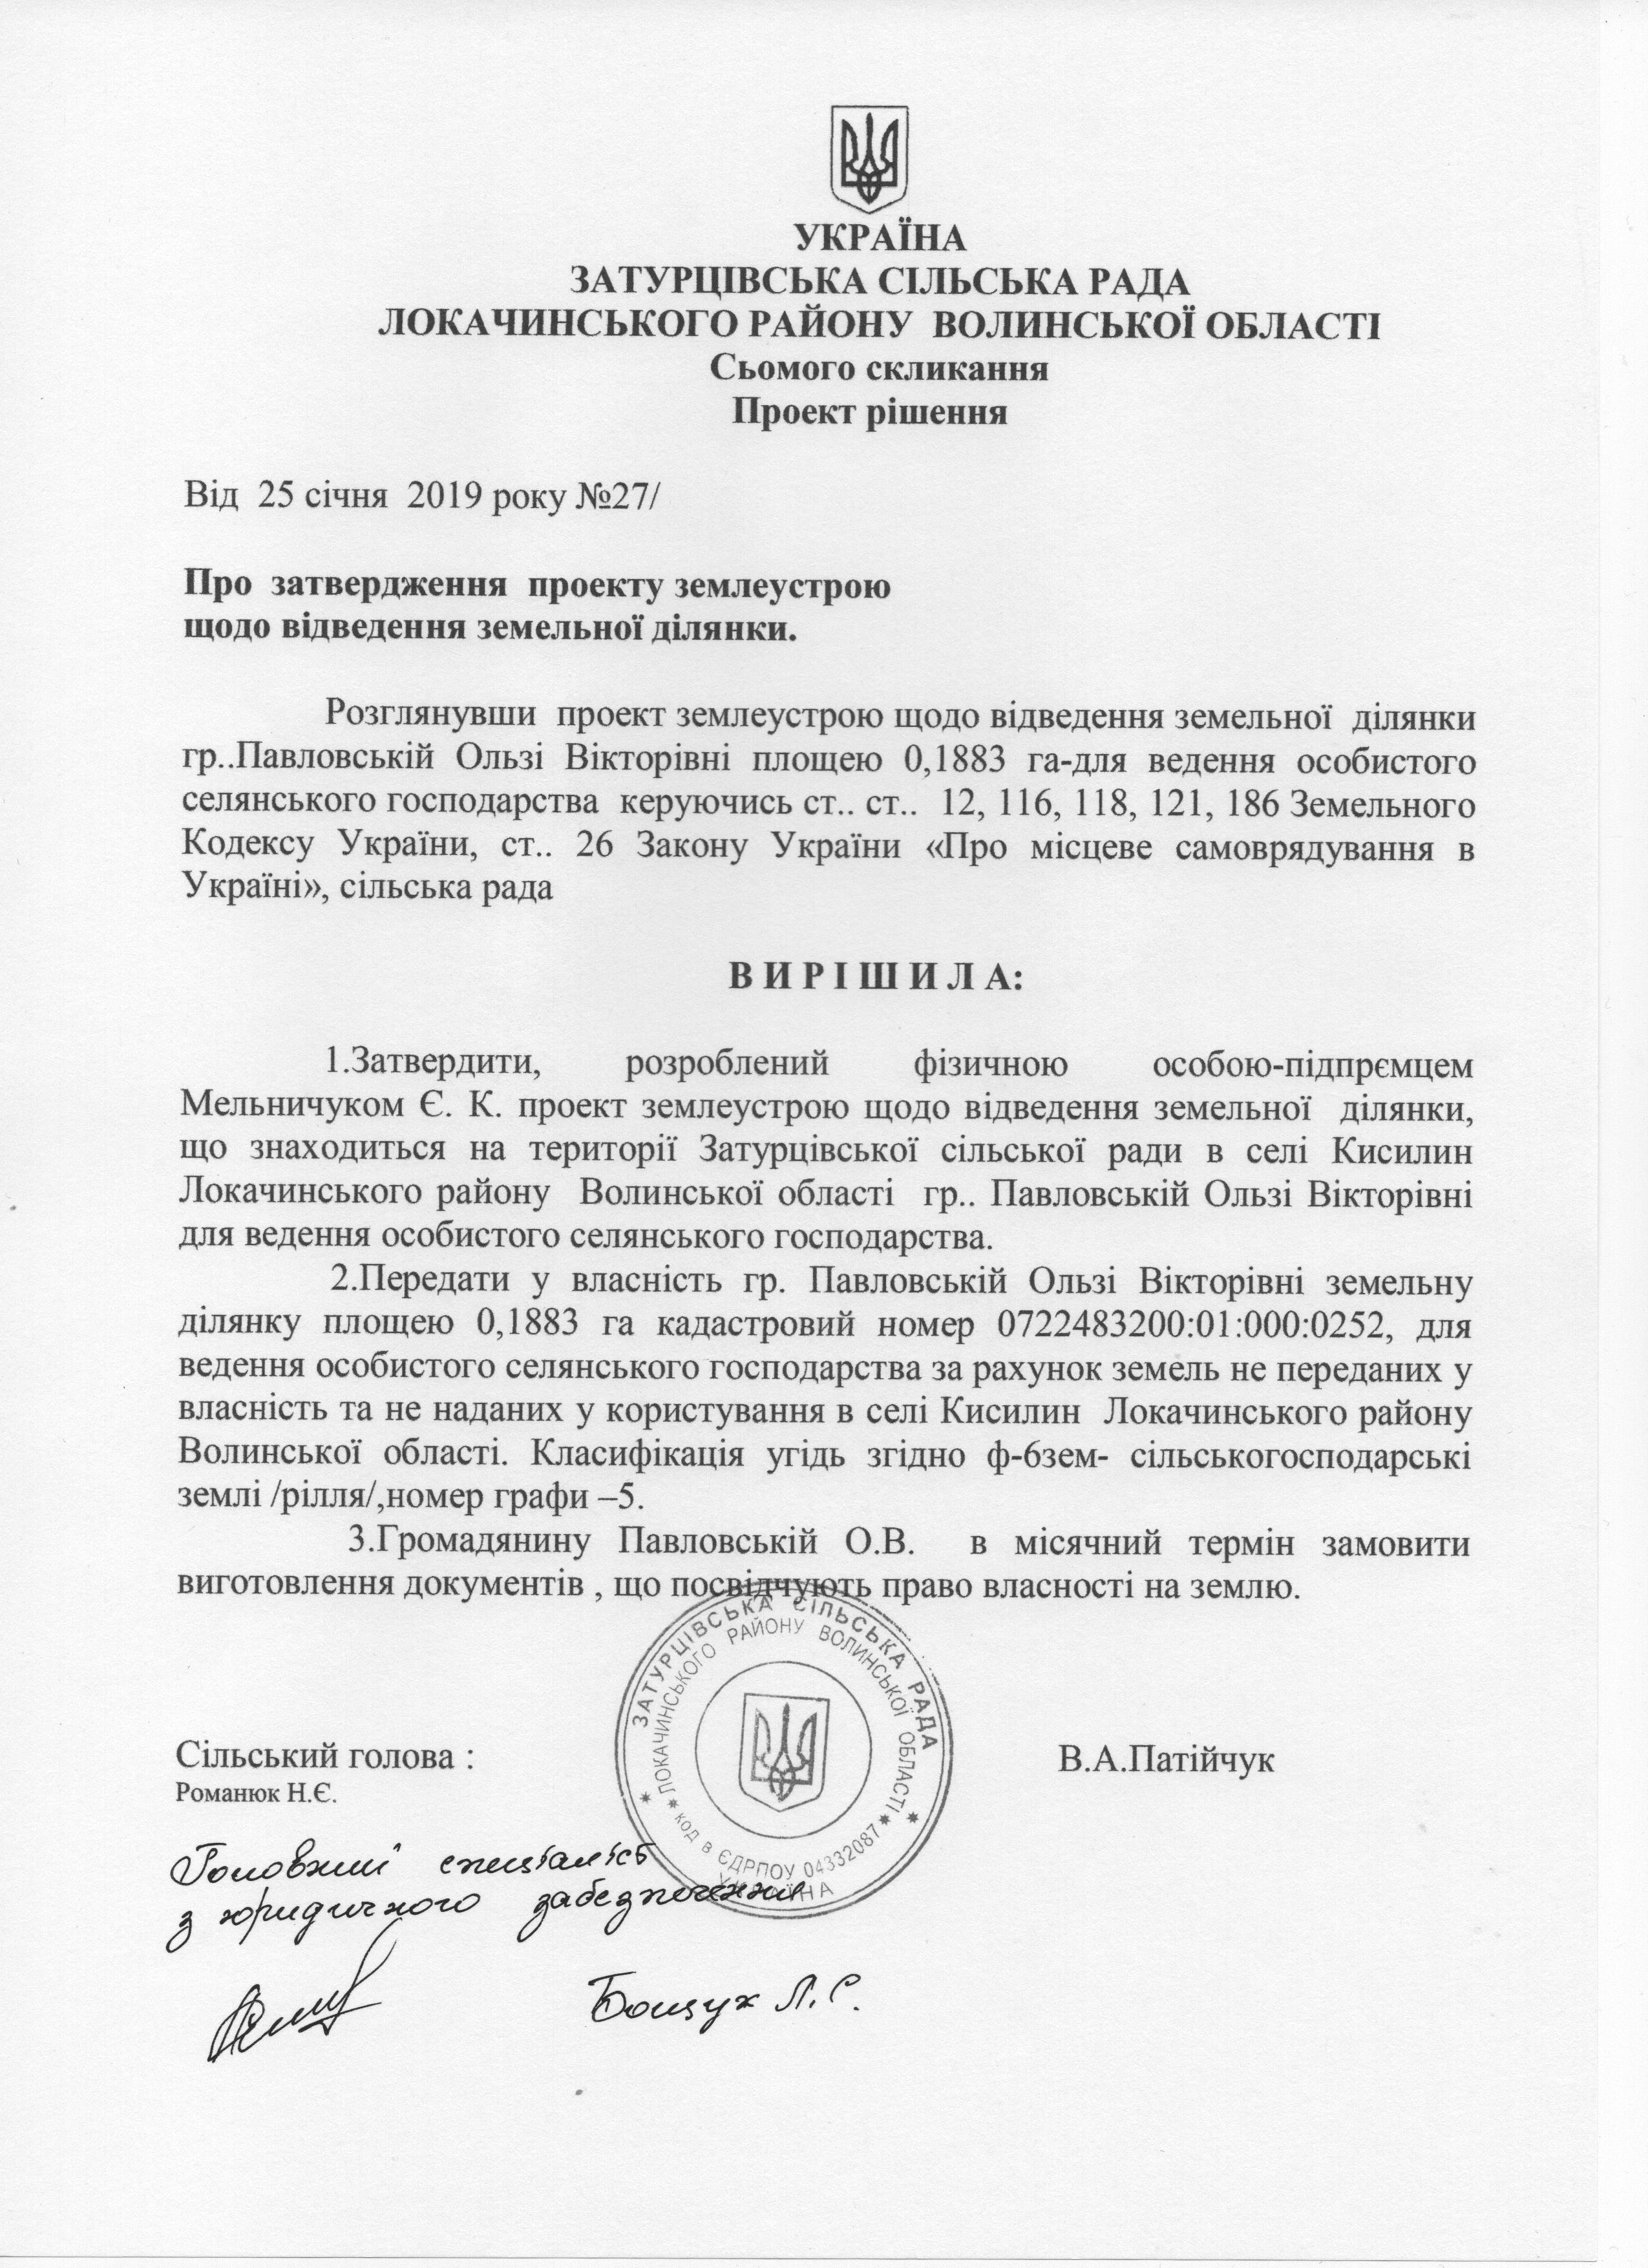 Павловська О.В.